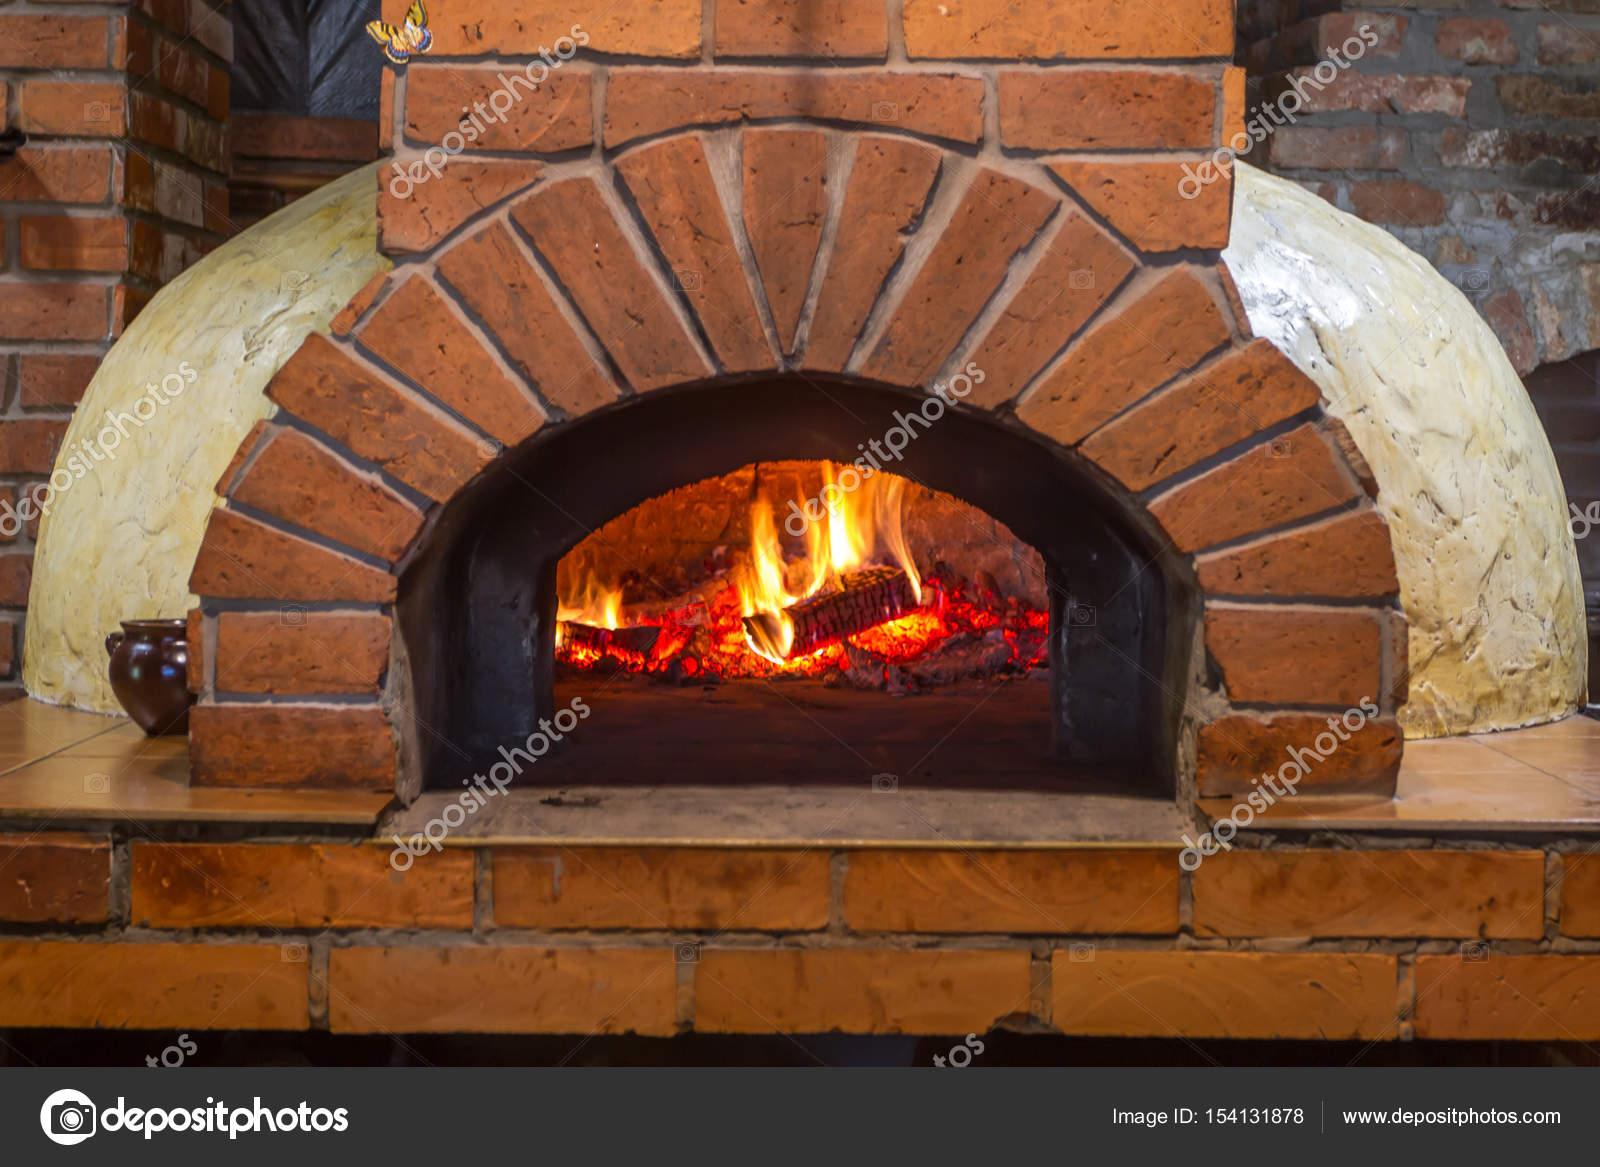 Il fuoco brucia nel forno a legna pizza foto stock a s - Forno per pizza casalingo ...